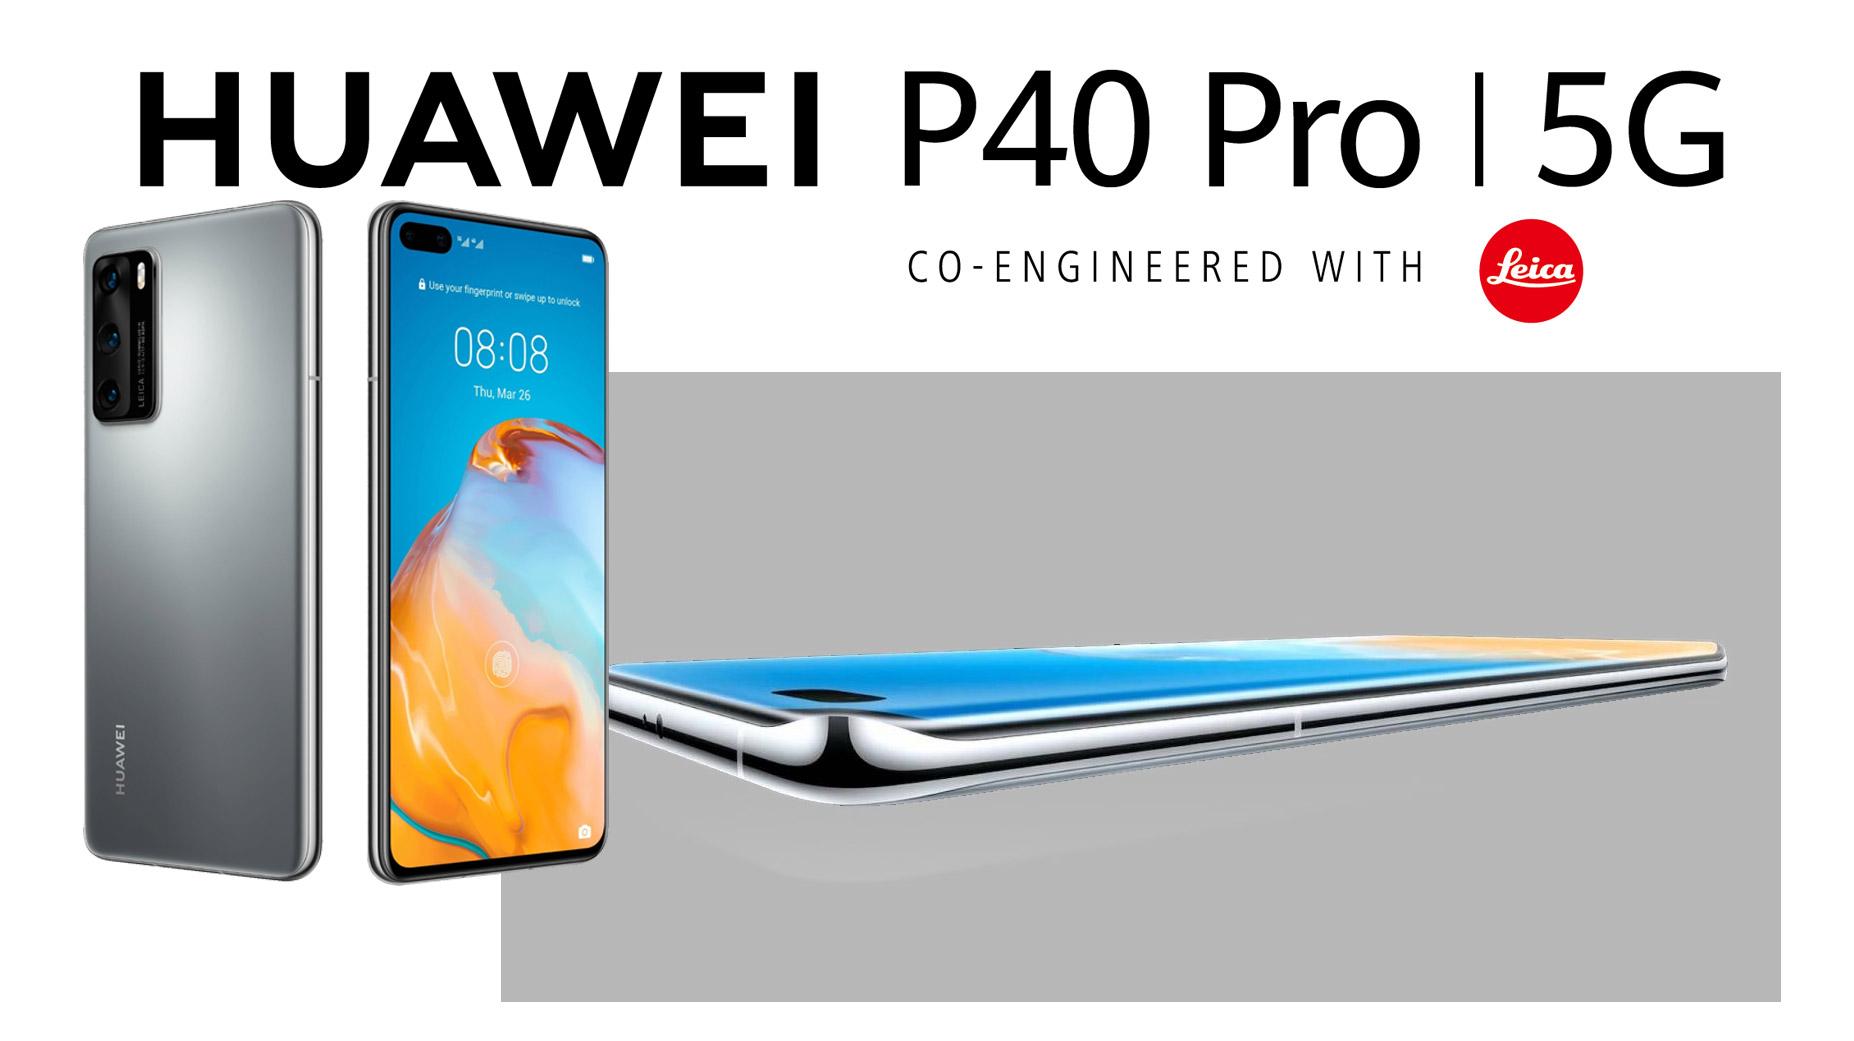 Huawei P40 Pro: Siêu phẩm camera phone đón đầu kỷ nguyên 5G - 14